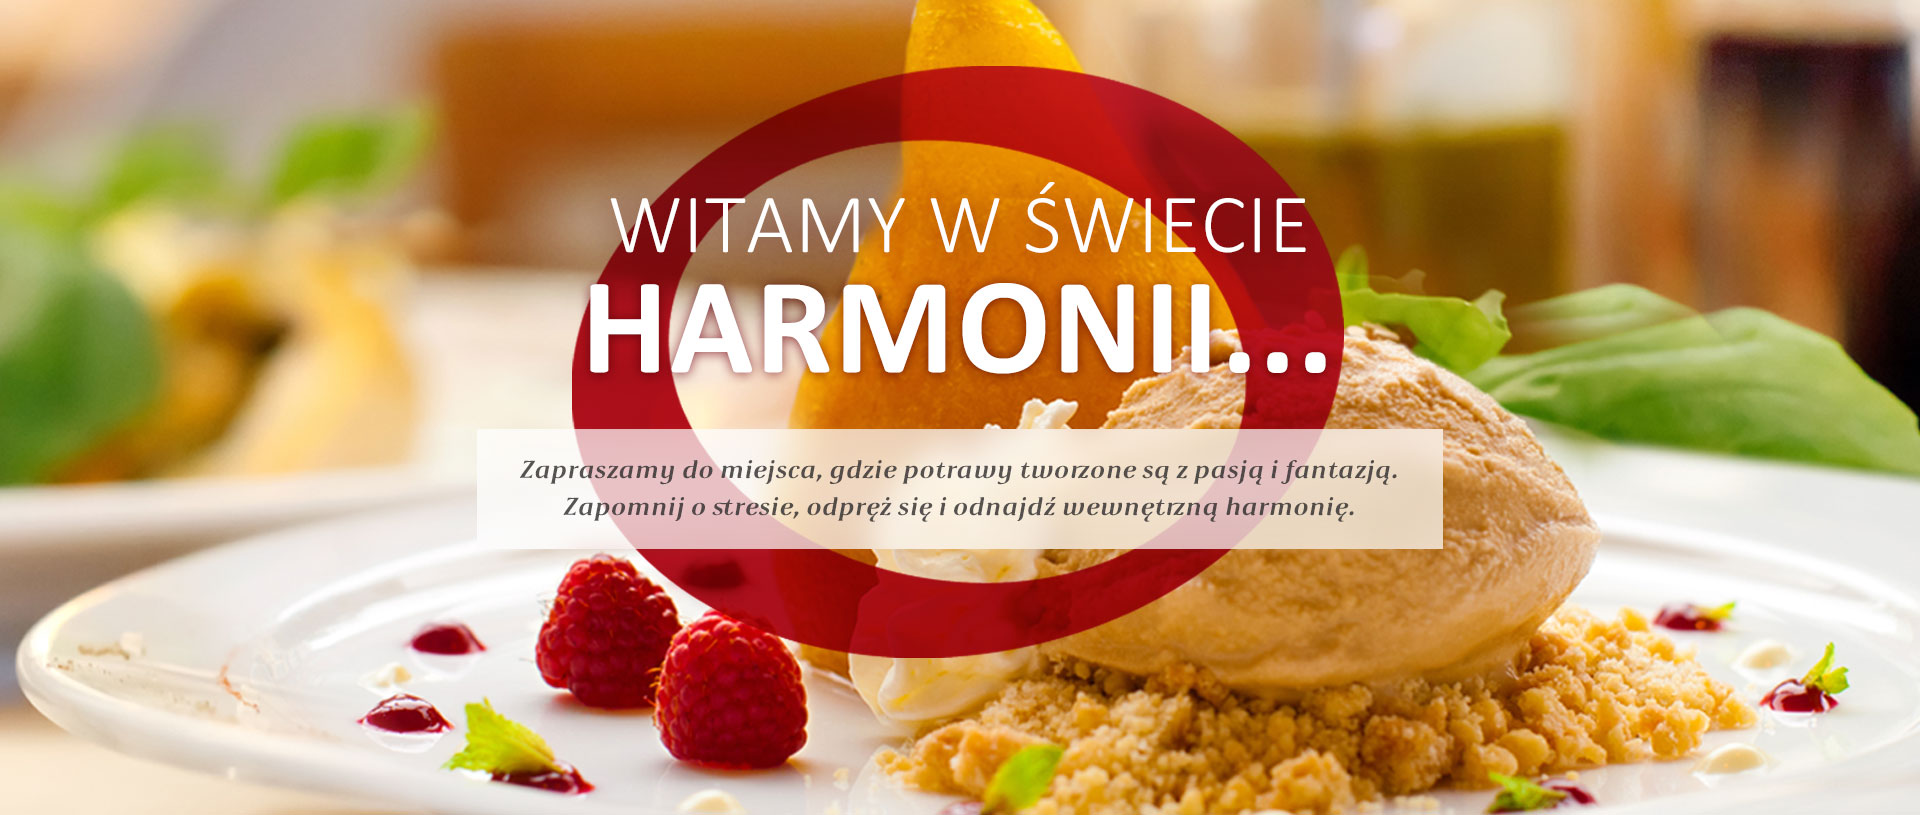 Restauracja Harmonia - Zdjęcie w sliderze nr 2